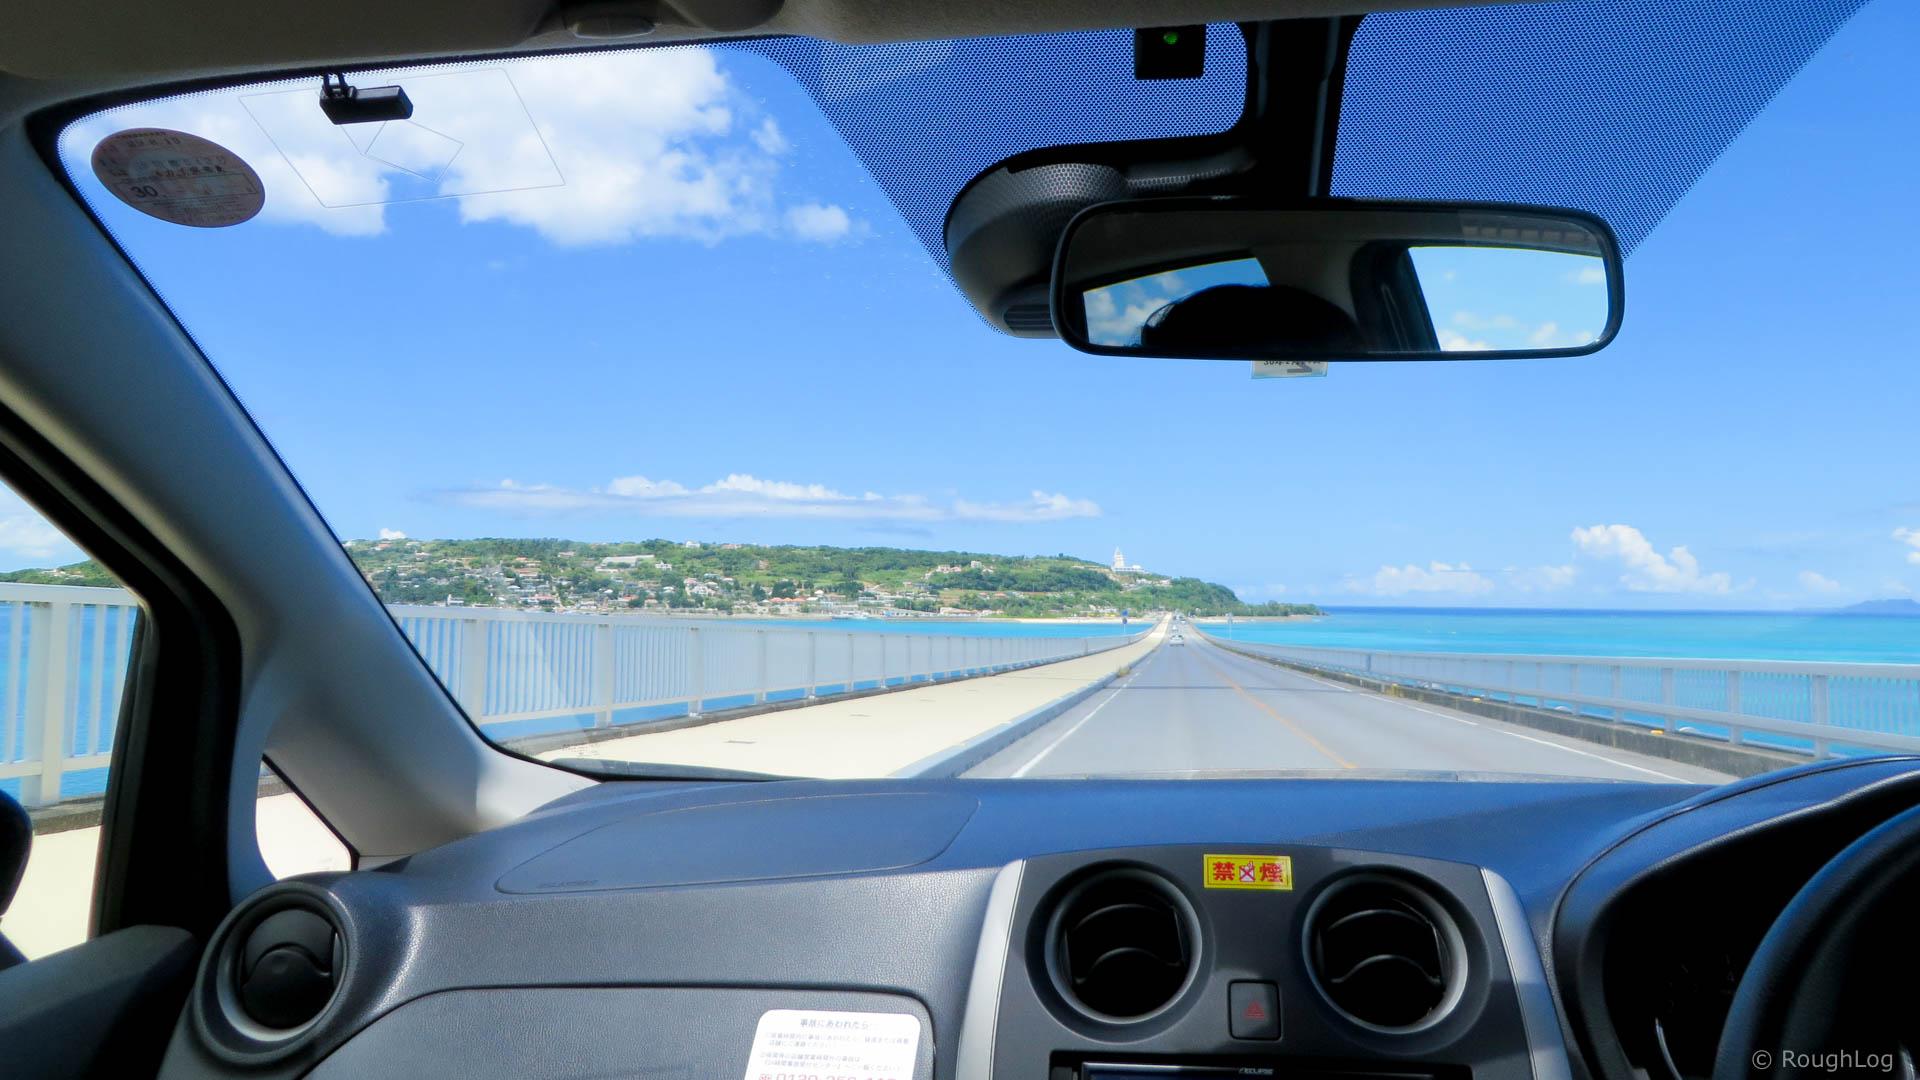 沖縄本島から離島「古宇利島」まで車で移動